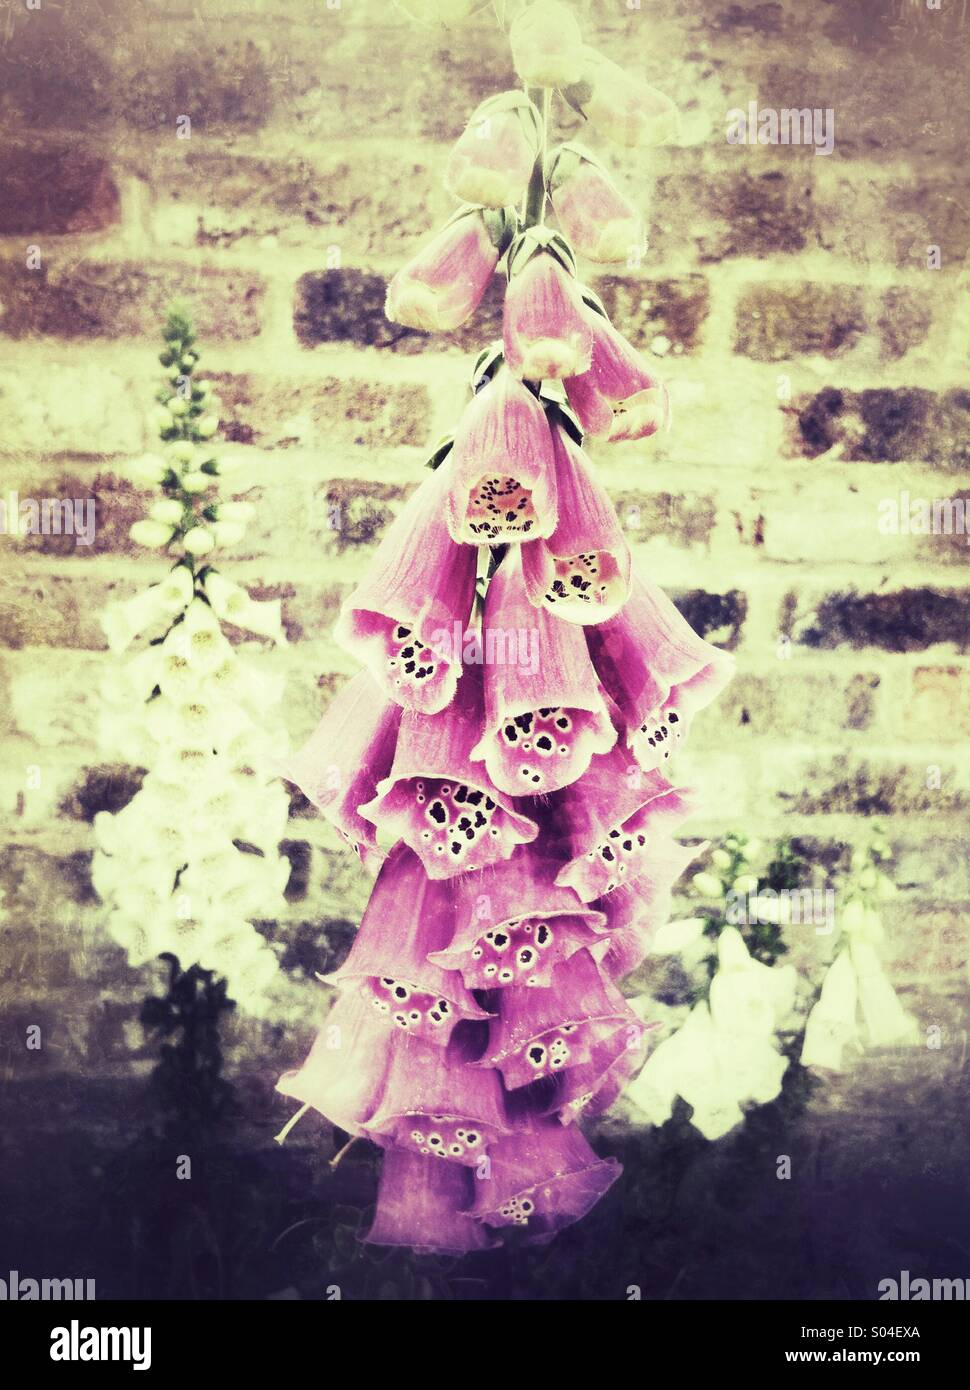 Foxglove rosa flores con efecto grunge Imagen De Stock